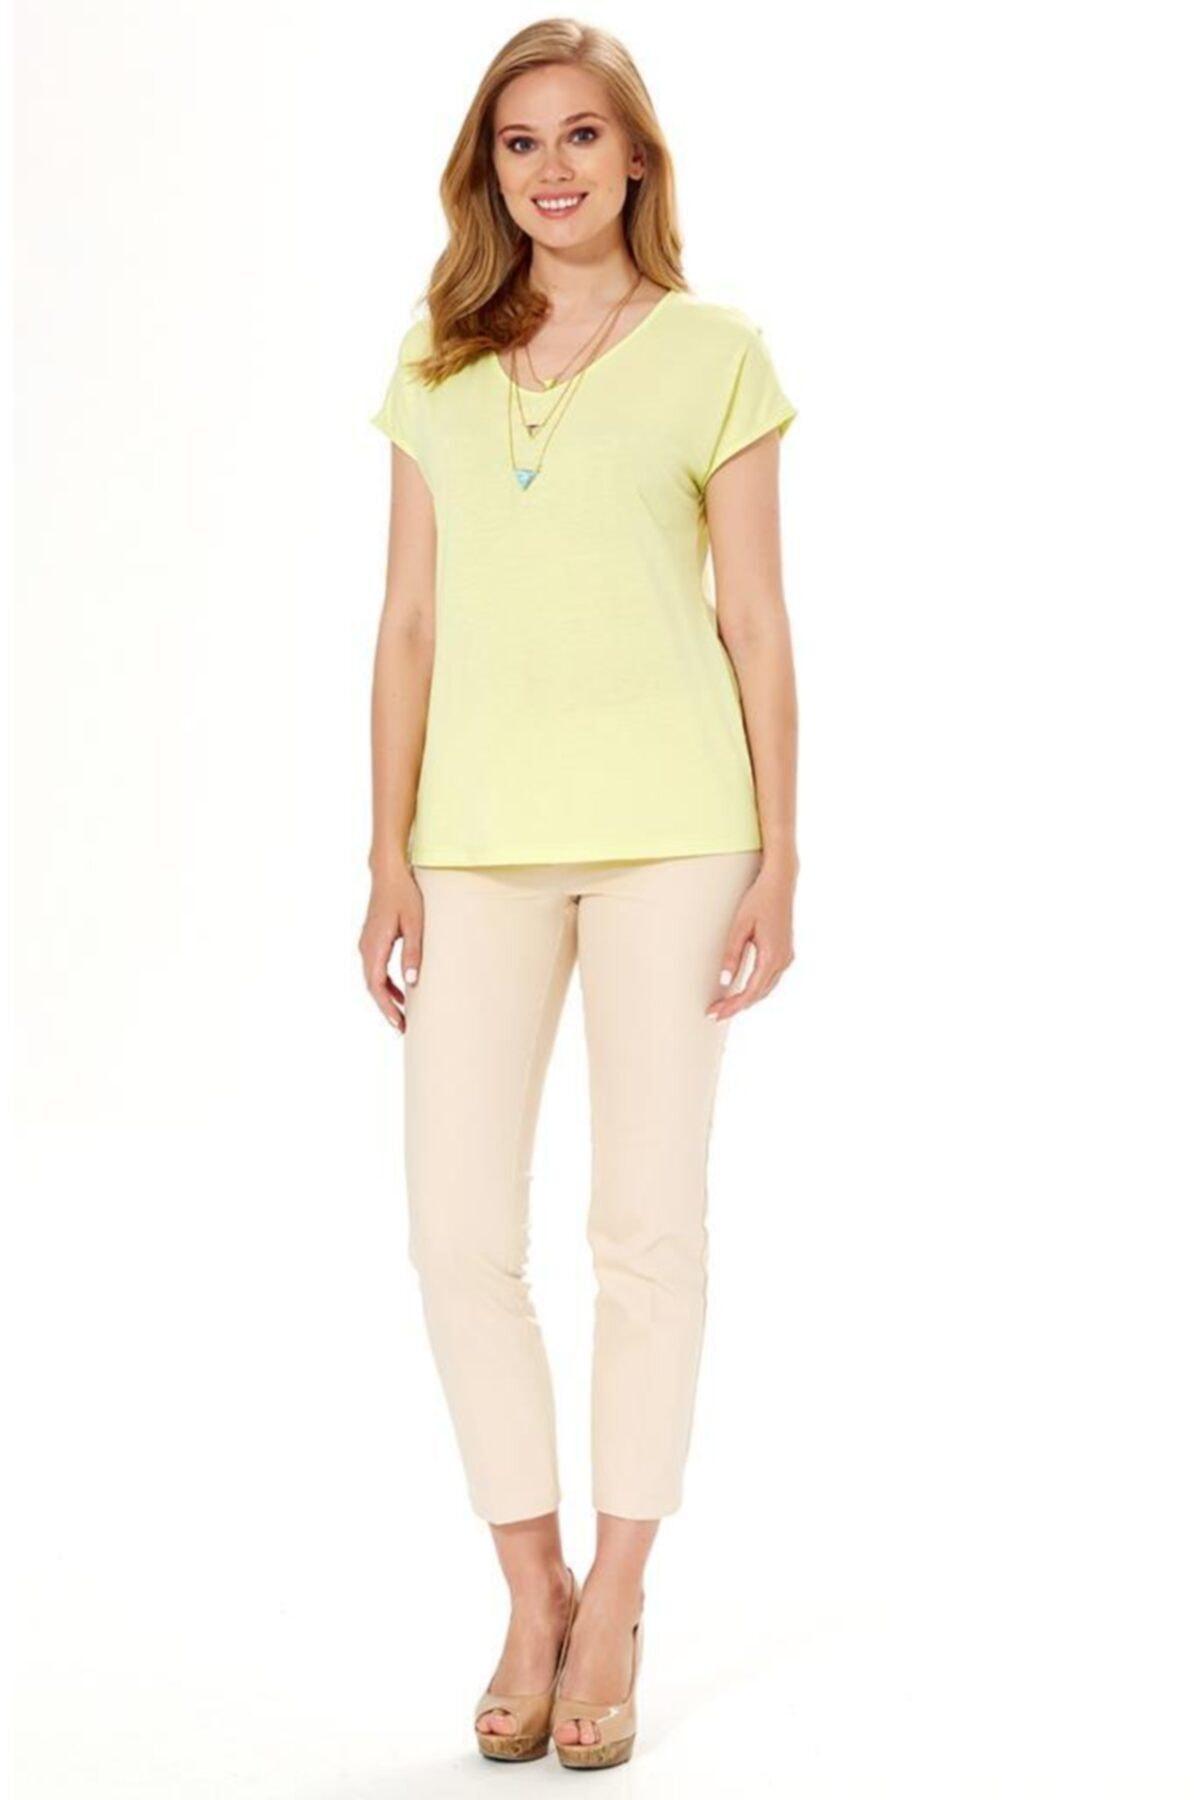 İKİLER Kadın Açık Fıstık Yeşil V Yaka Omuzu Yırtmaçlı Düğmeli Bluz 2